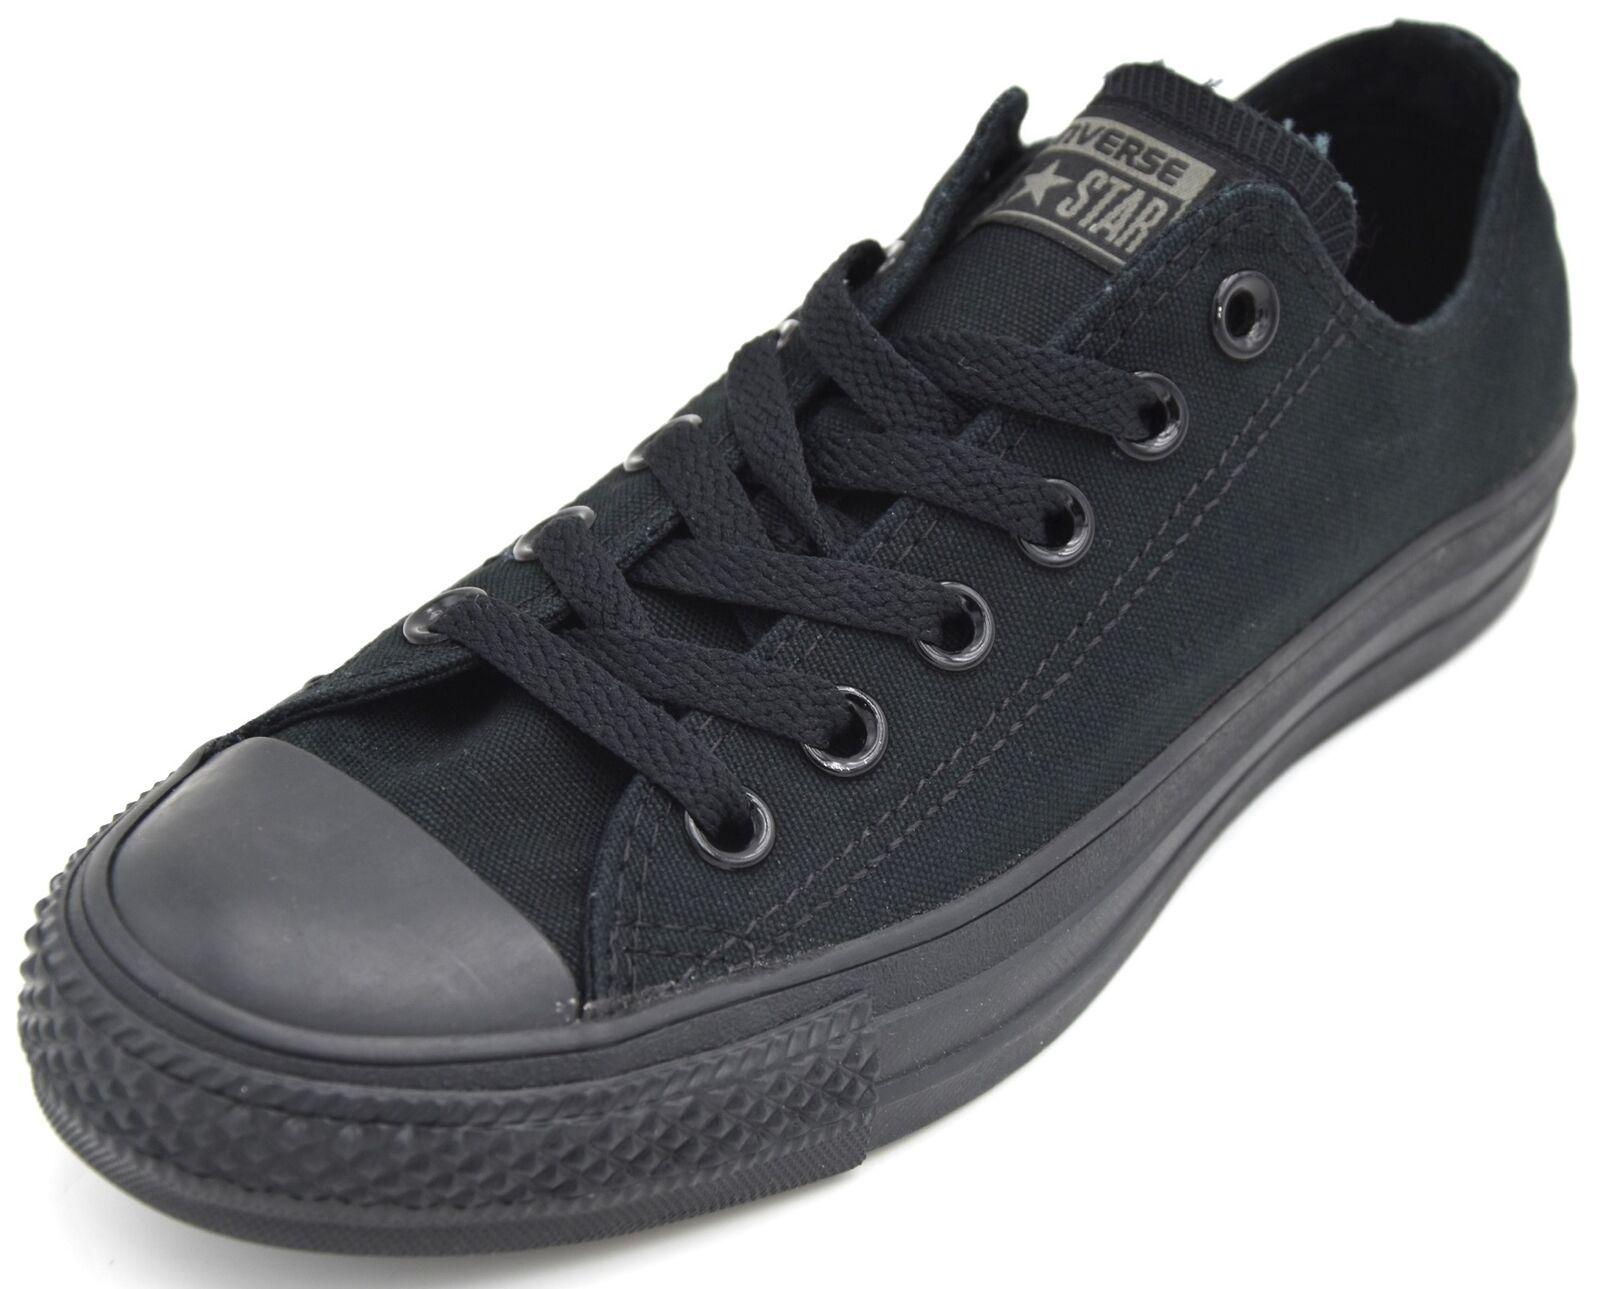 CONVERSE STAR Mujer Hombre Unisex Unisex Unisex Tenis ALL Zapatos Casuales M5039C CT TAYLOR A S Ox  Ahorre hasta un 70% de descuento.